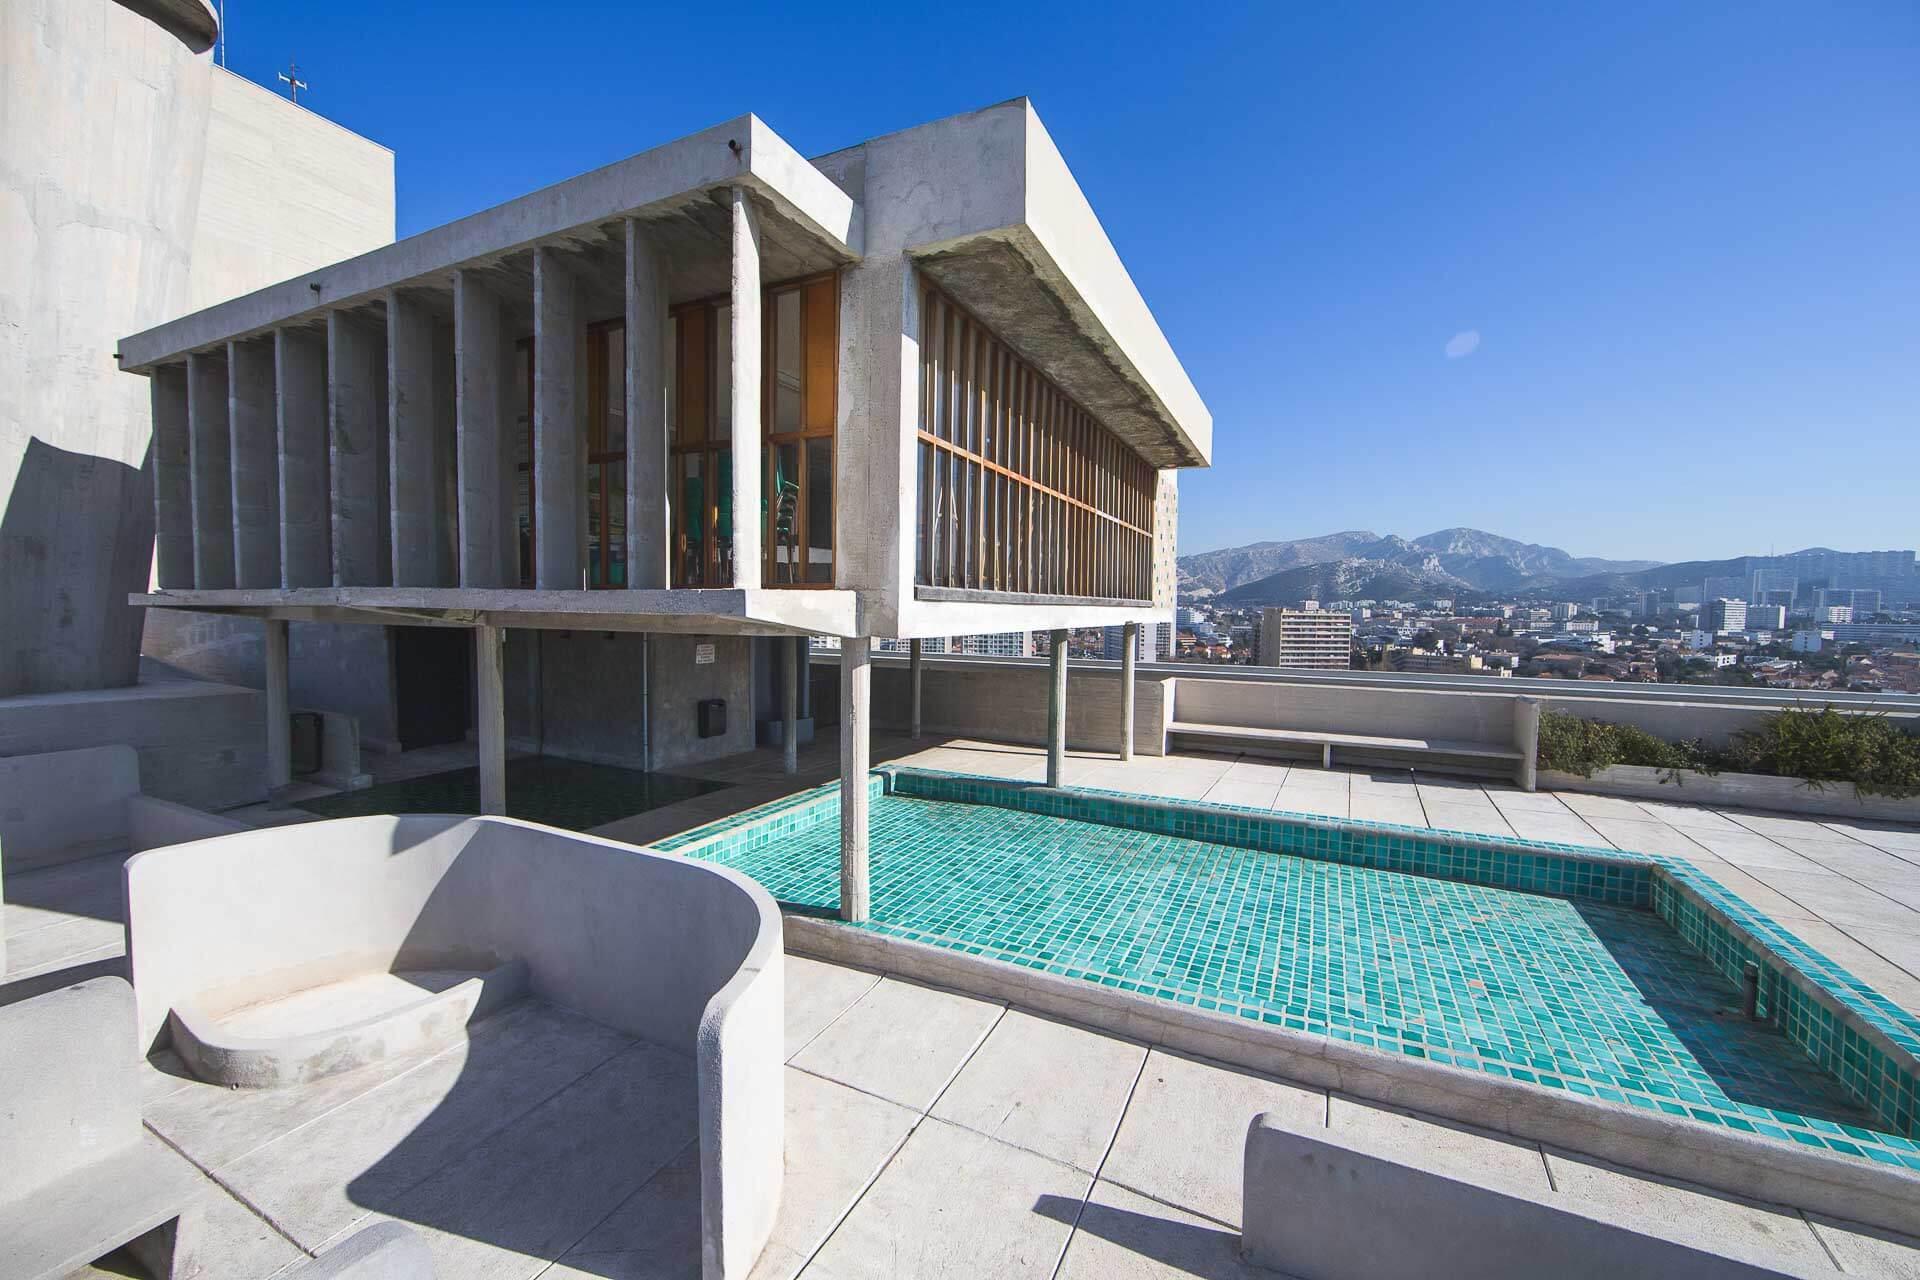 Toit terrasse et pataugoire de l'hôtel Le Corbusier © DR